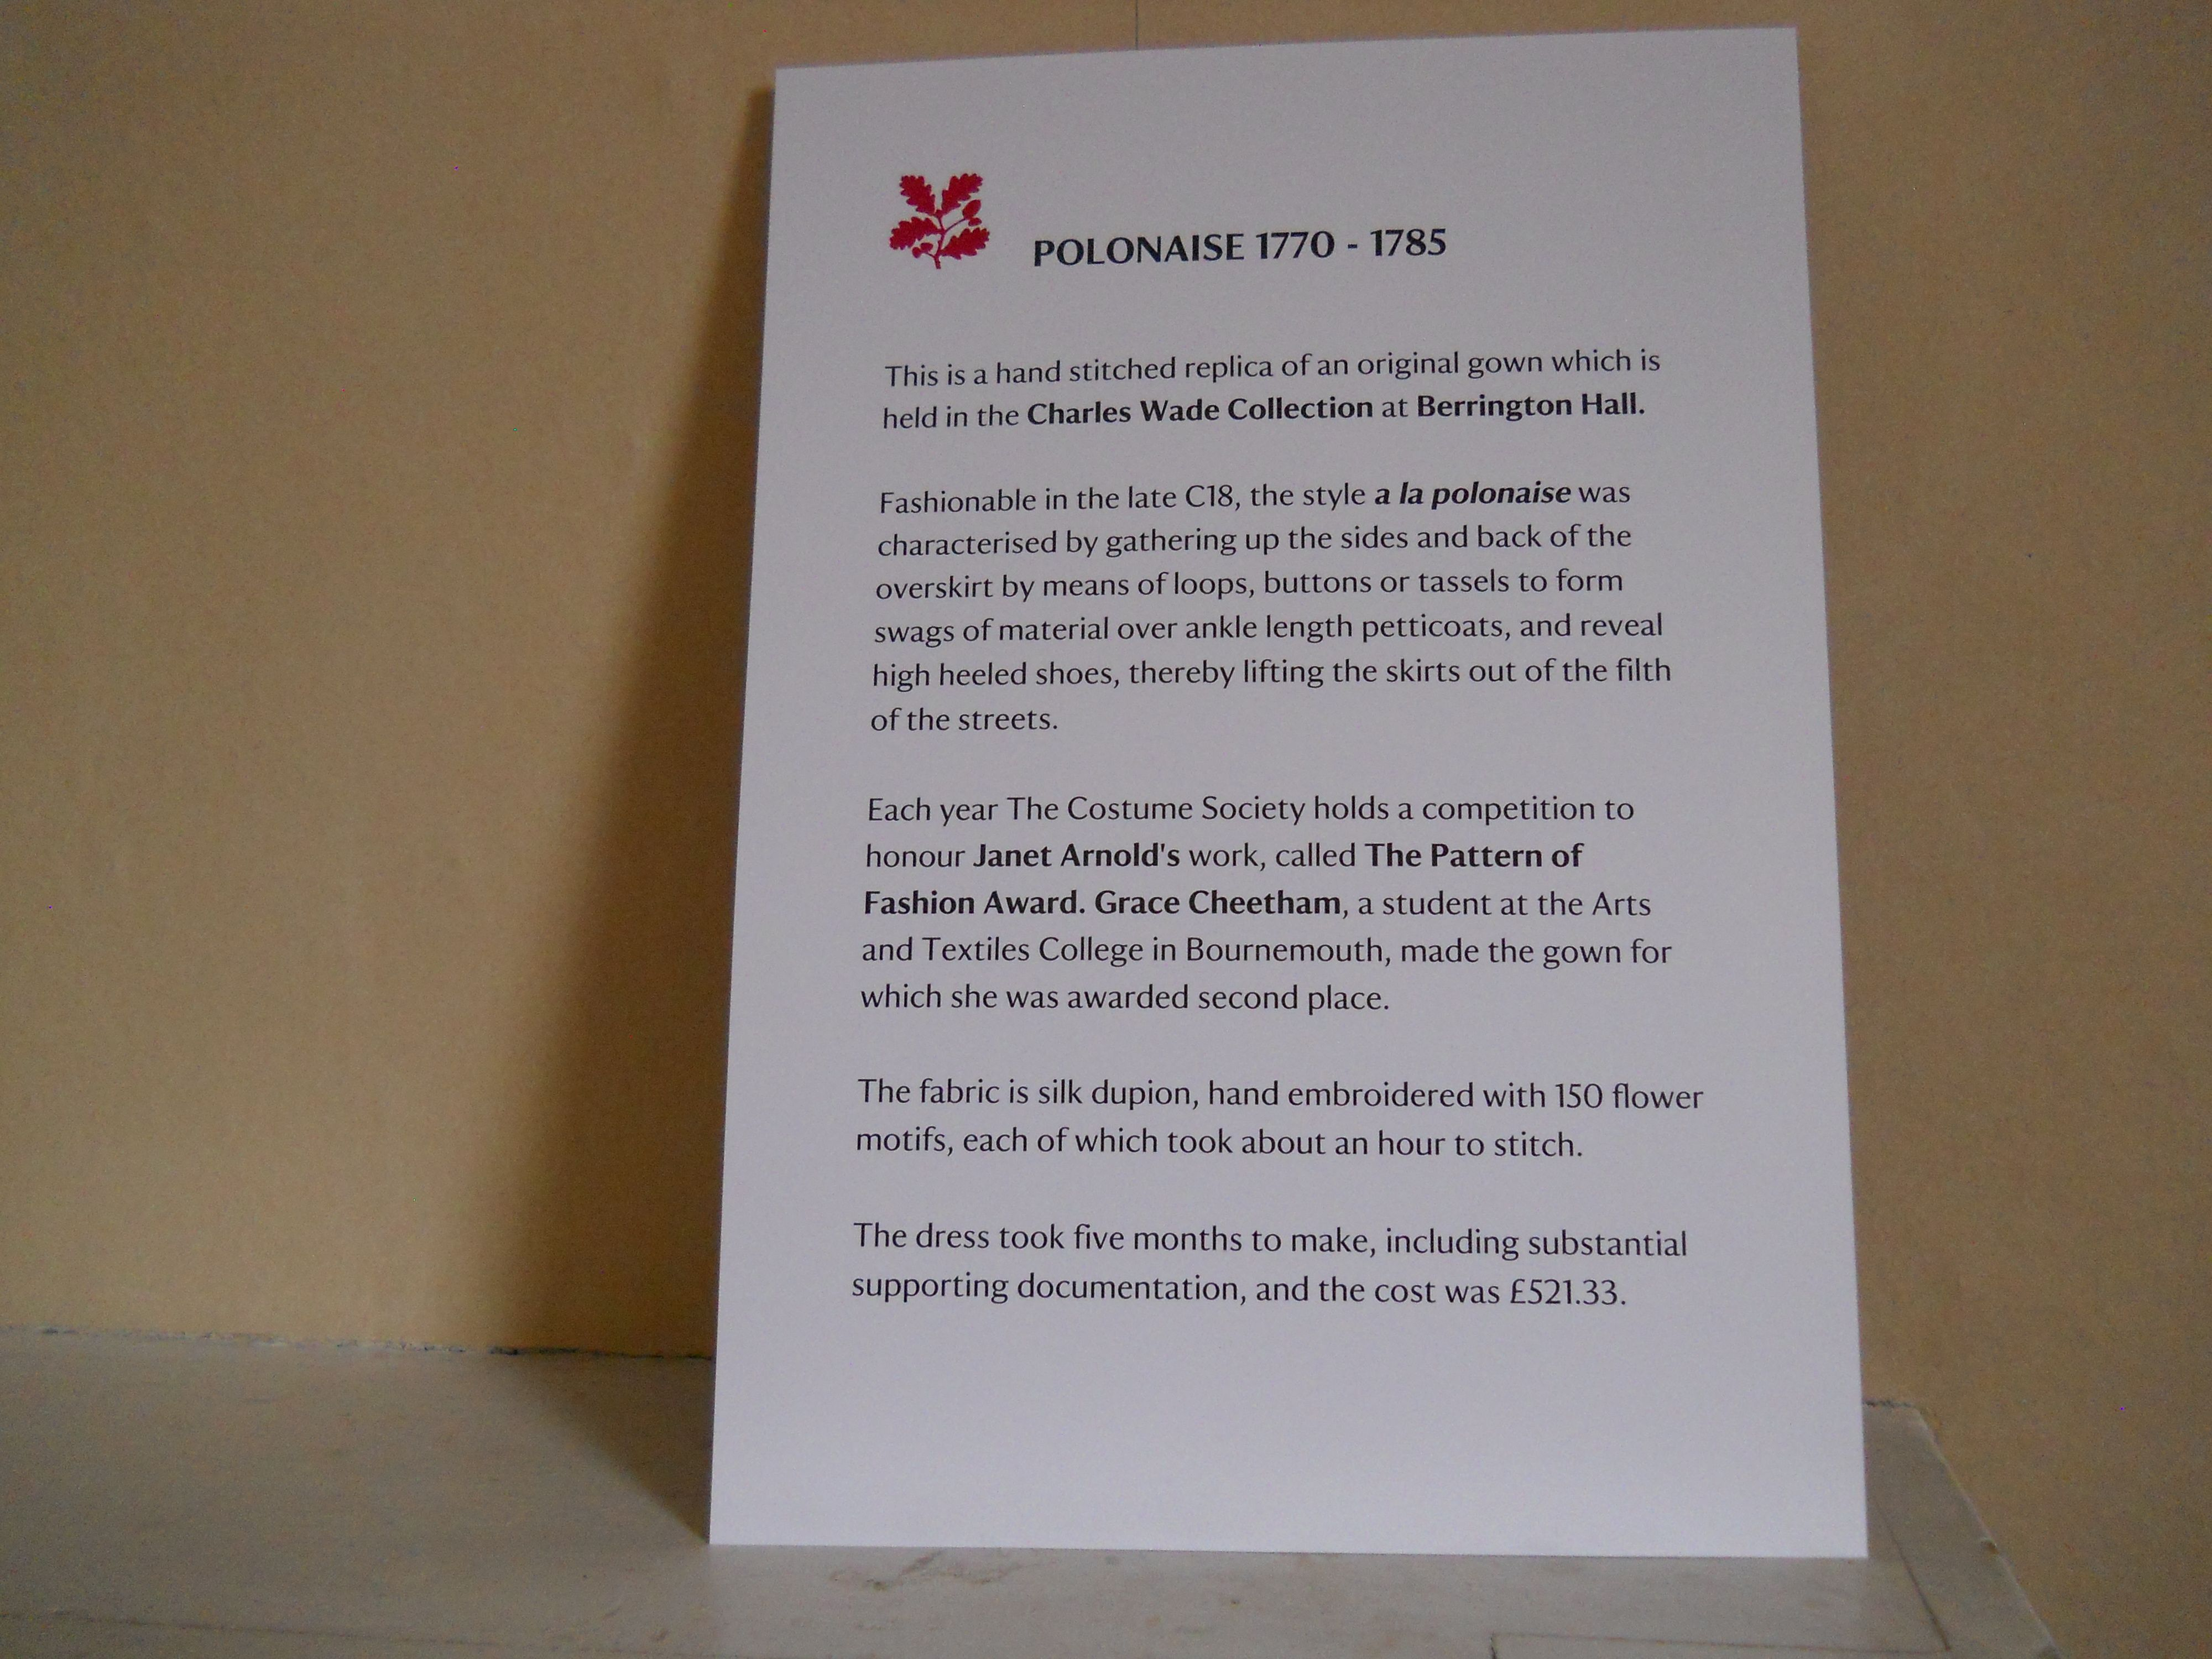 Berrington Hall About the polonaise